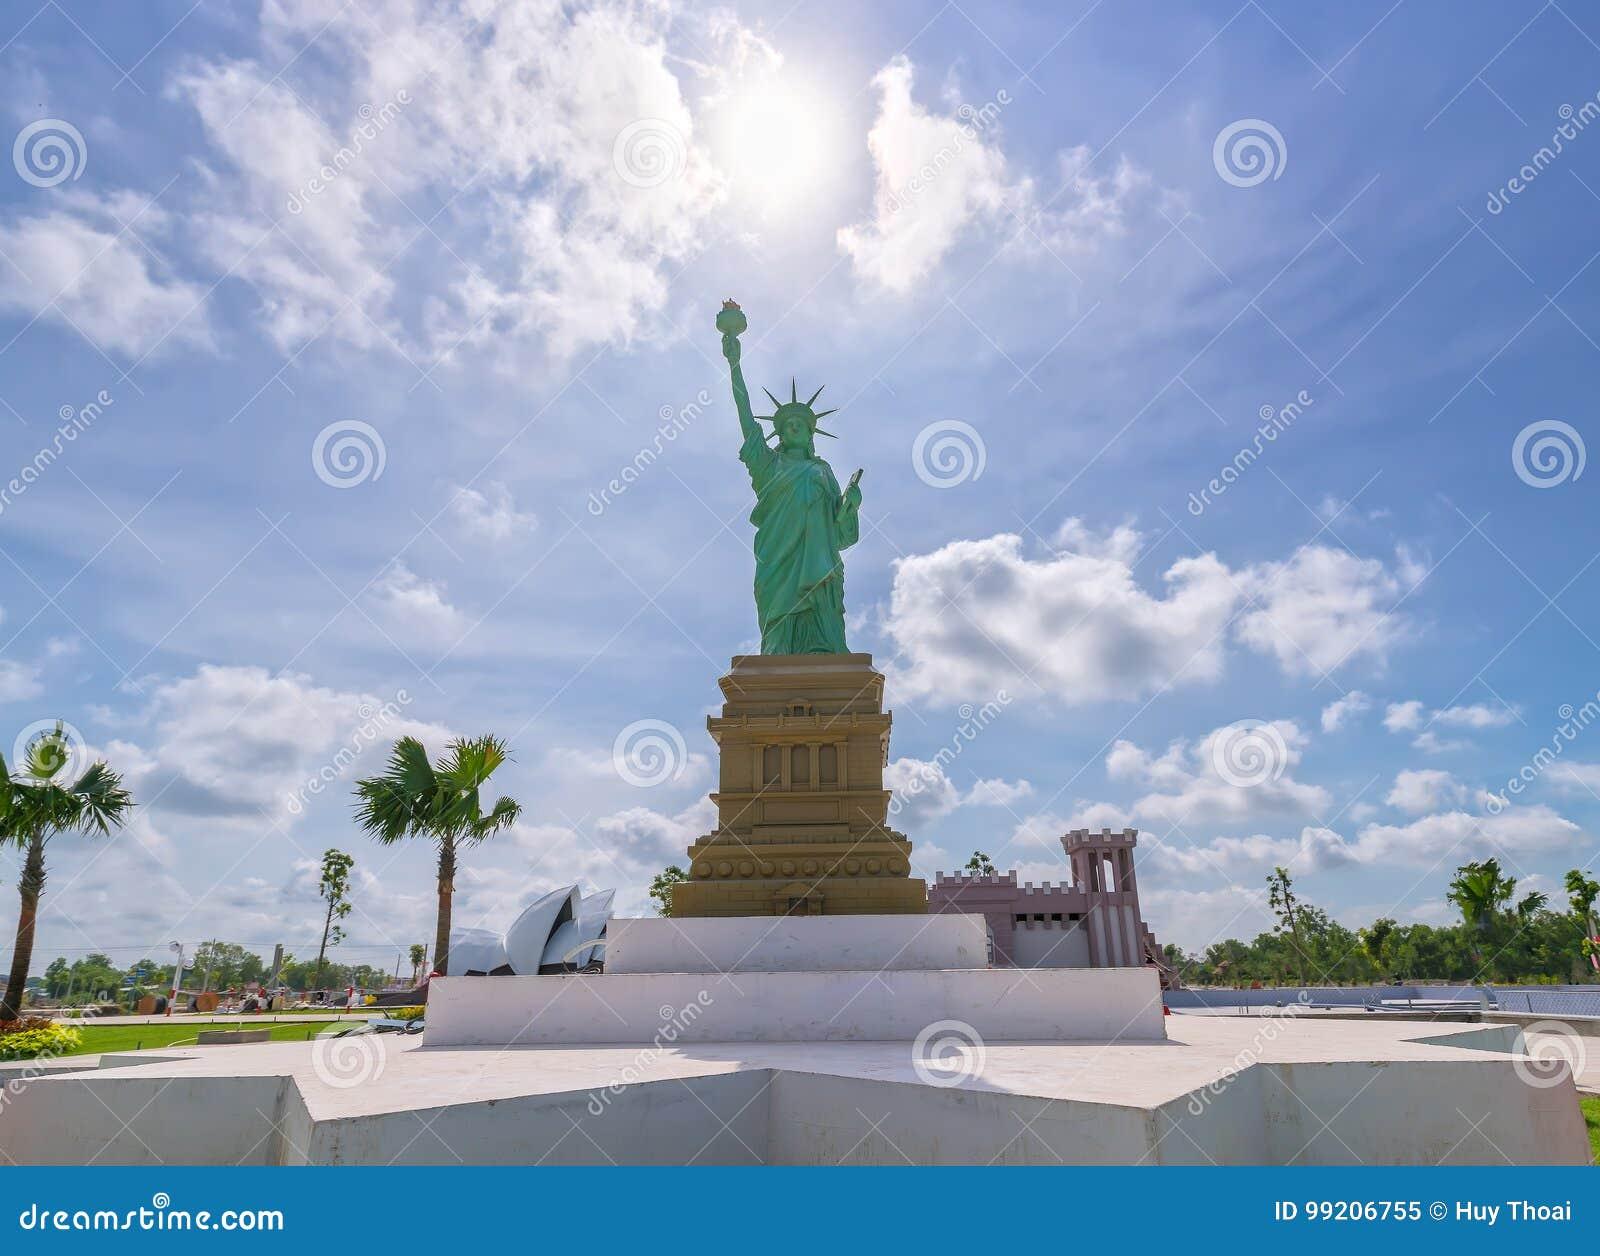 Statua della libertà architettonica dei modelli